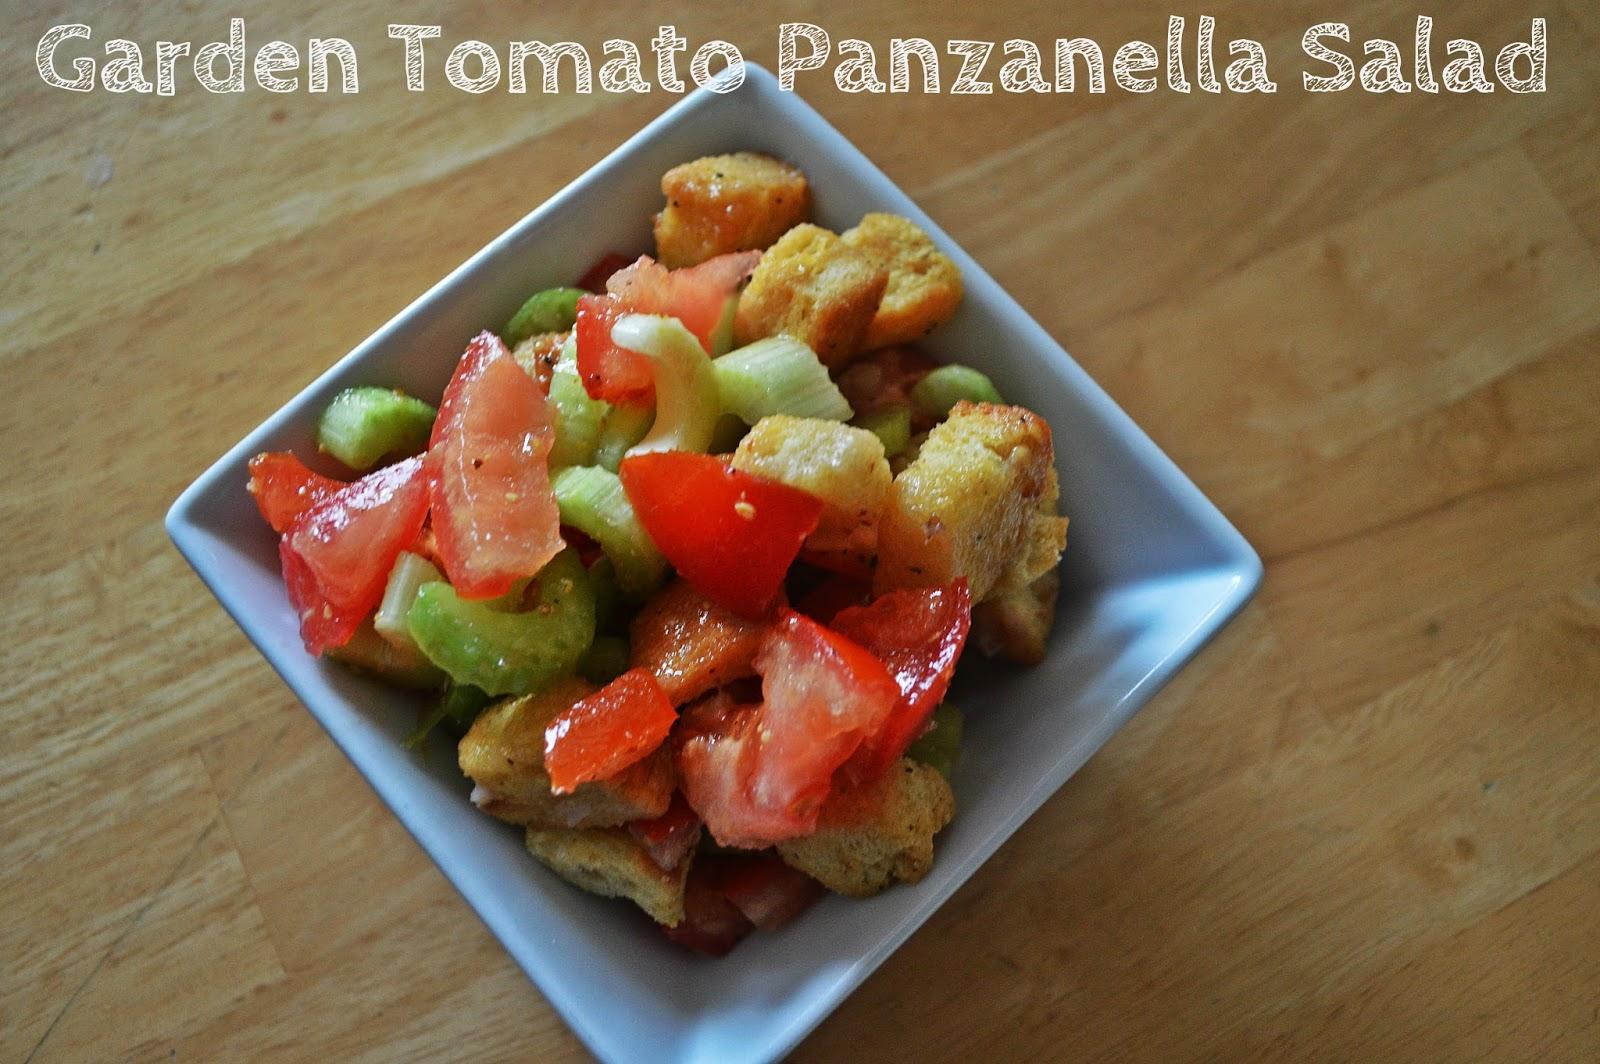 Garden Tomato Panzanella Salad - Girl and Her Kitchen